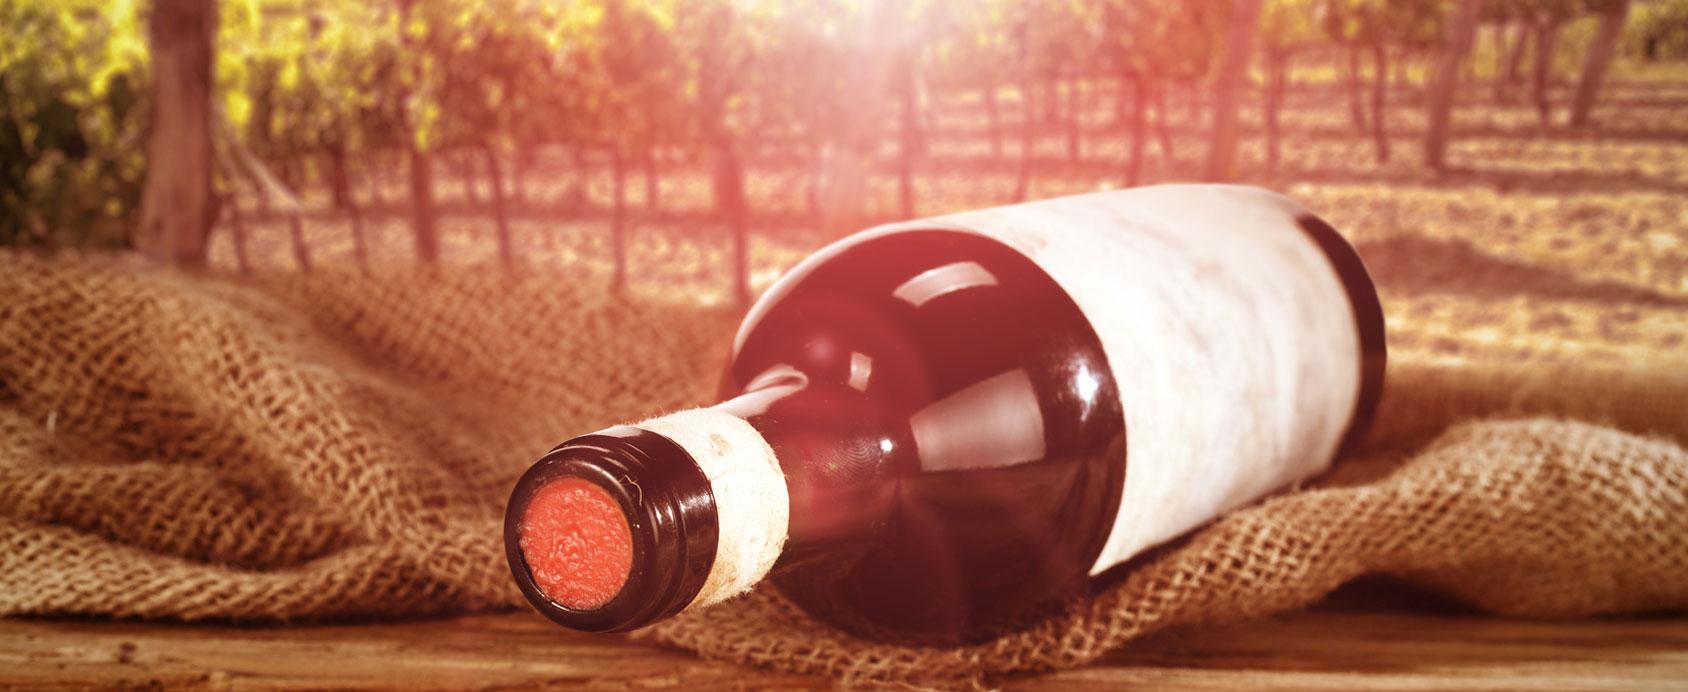 consegna vini domicilio bs